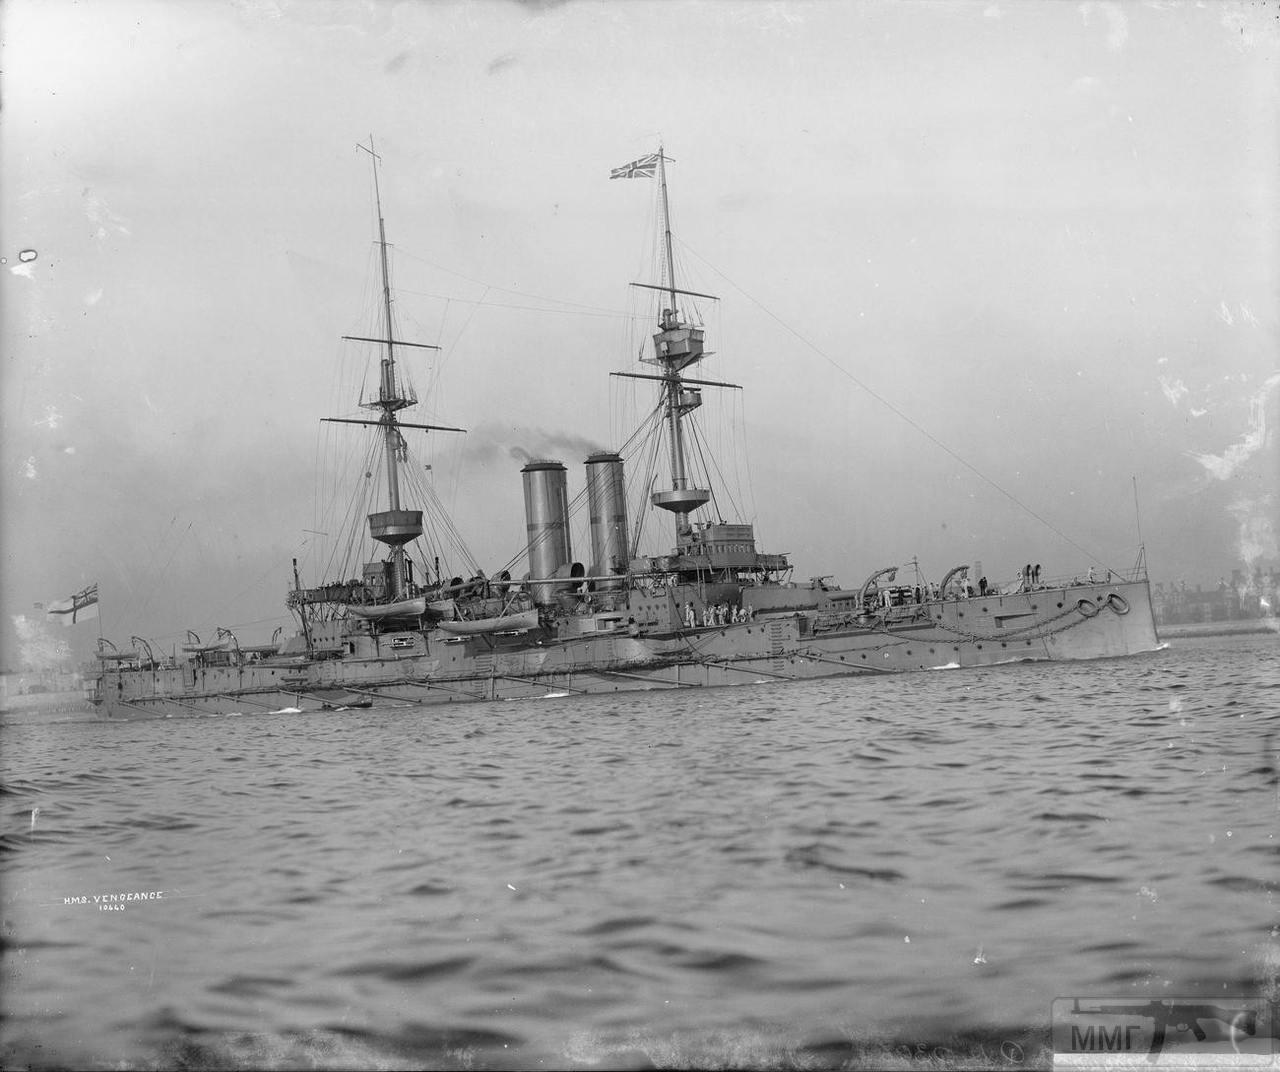 107419 - Броненосцы, дредноуты, линкоры и крейсера Британии